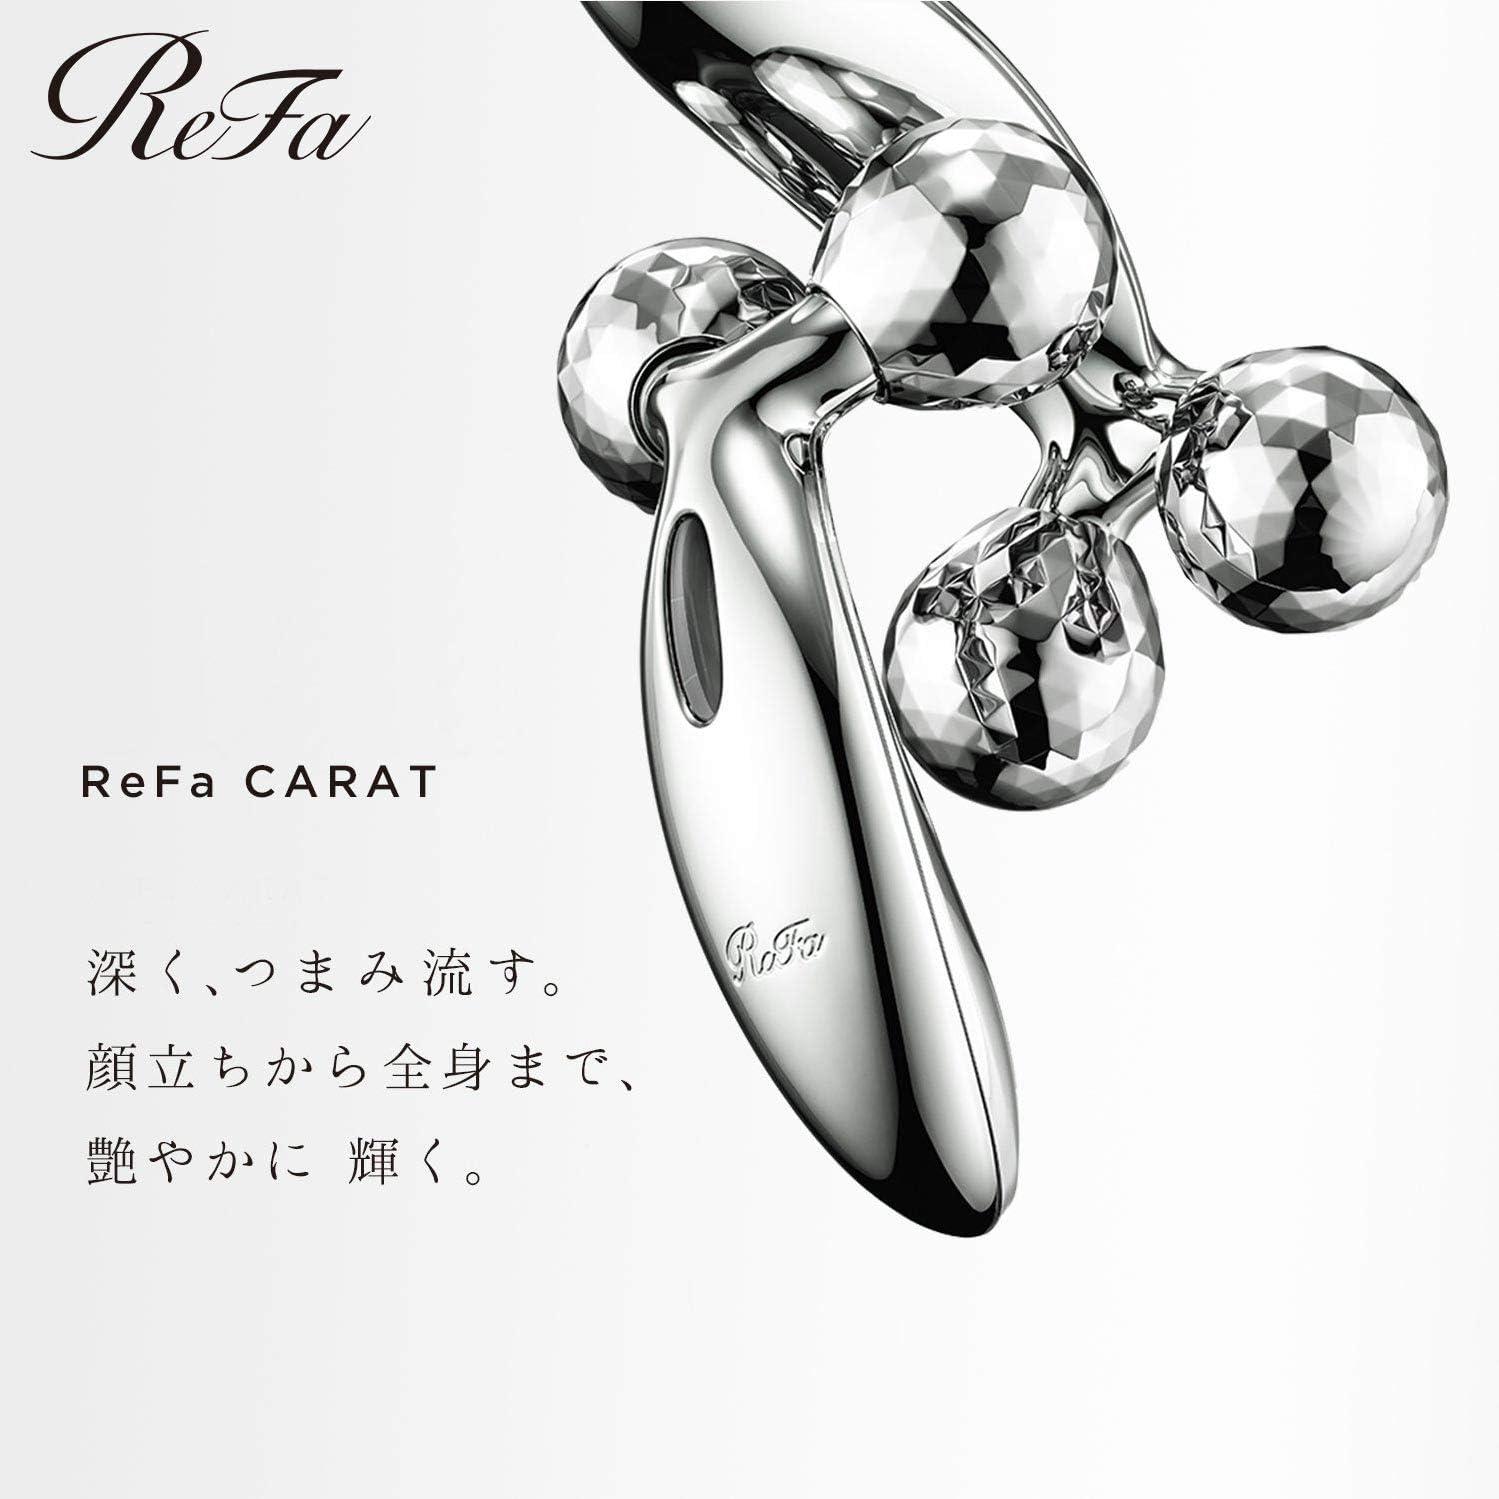 【Amazon.co.jp 限定】MTG ReFa CARAT (リファカラット)フェイス&ボディ用 ReFaオリジナルショッパー付